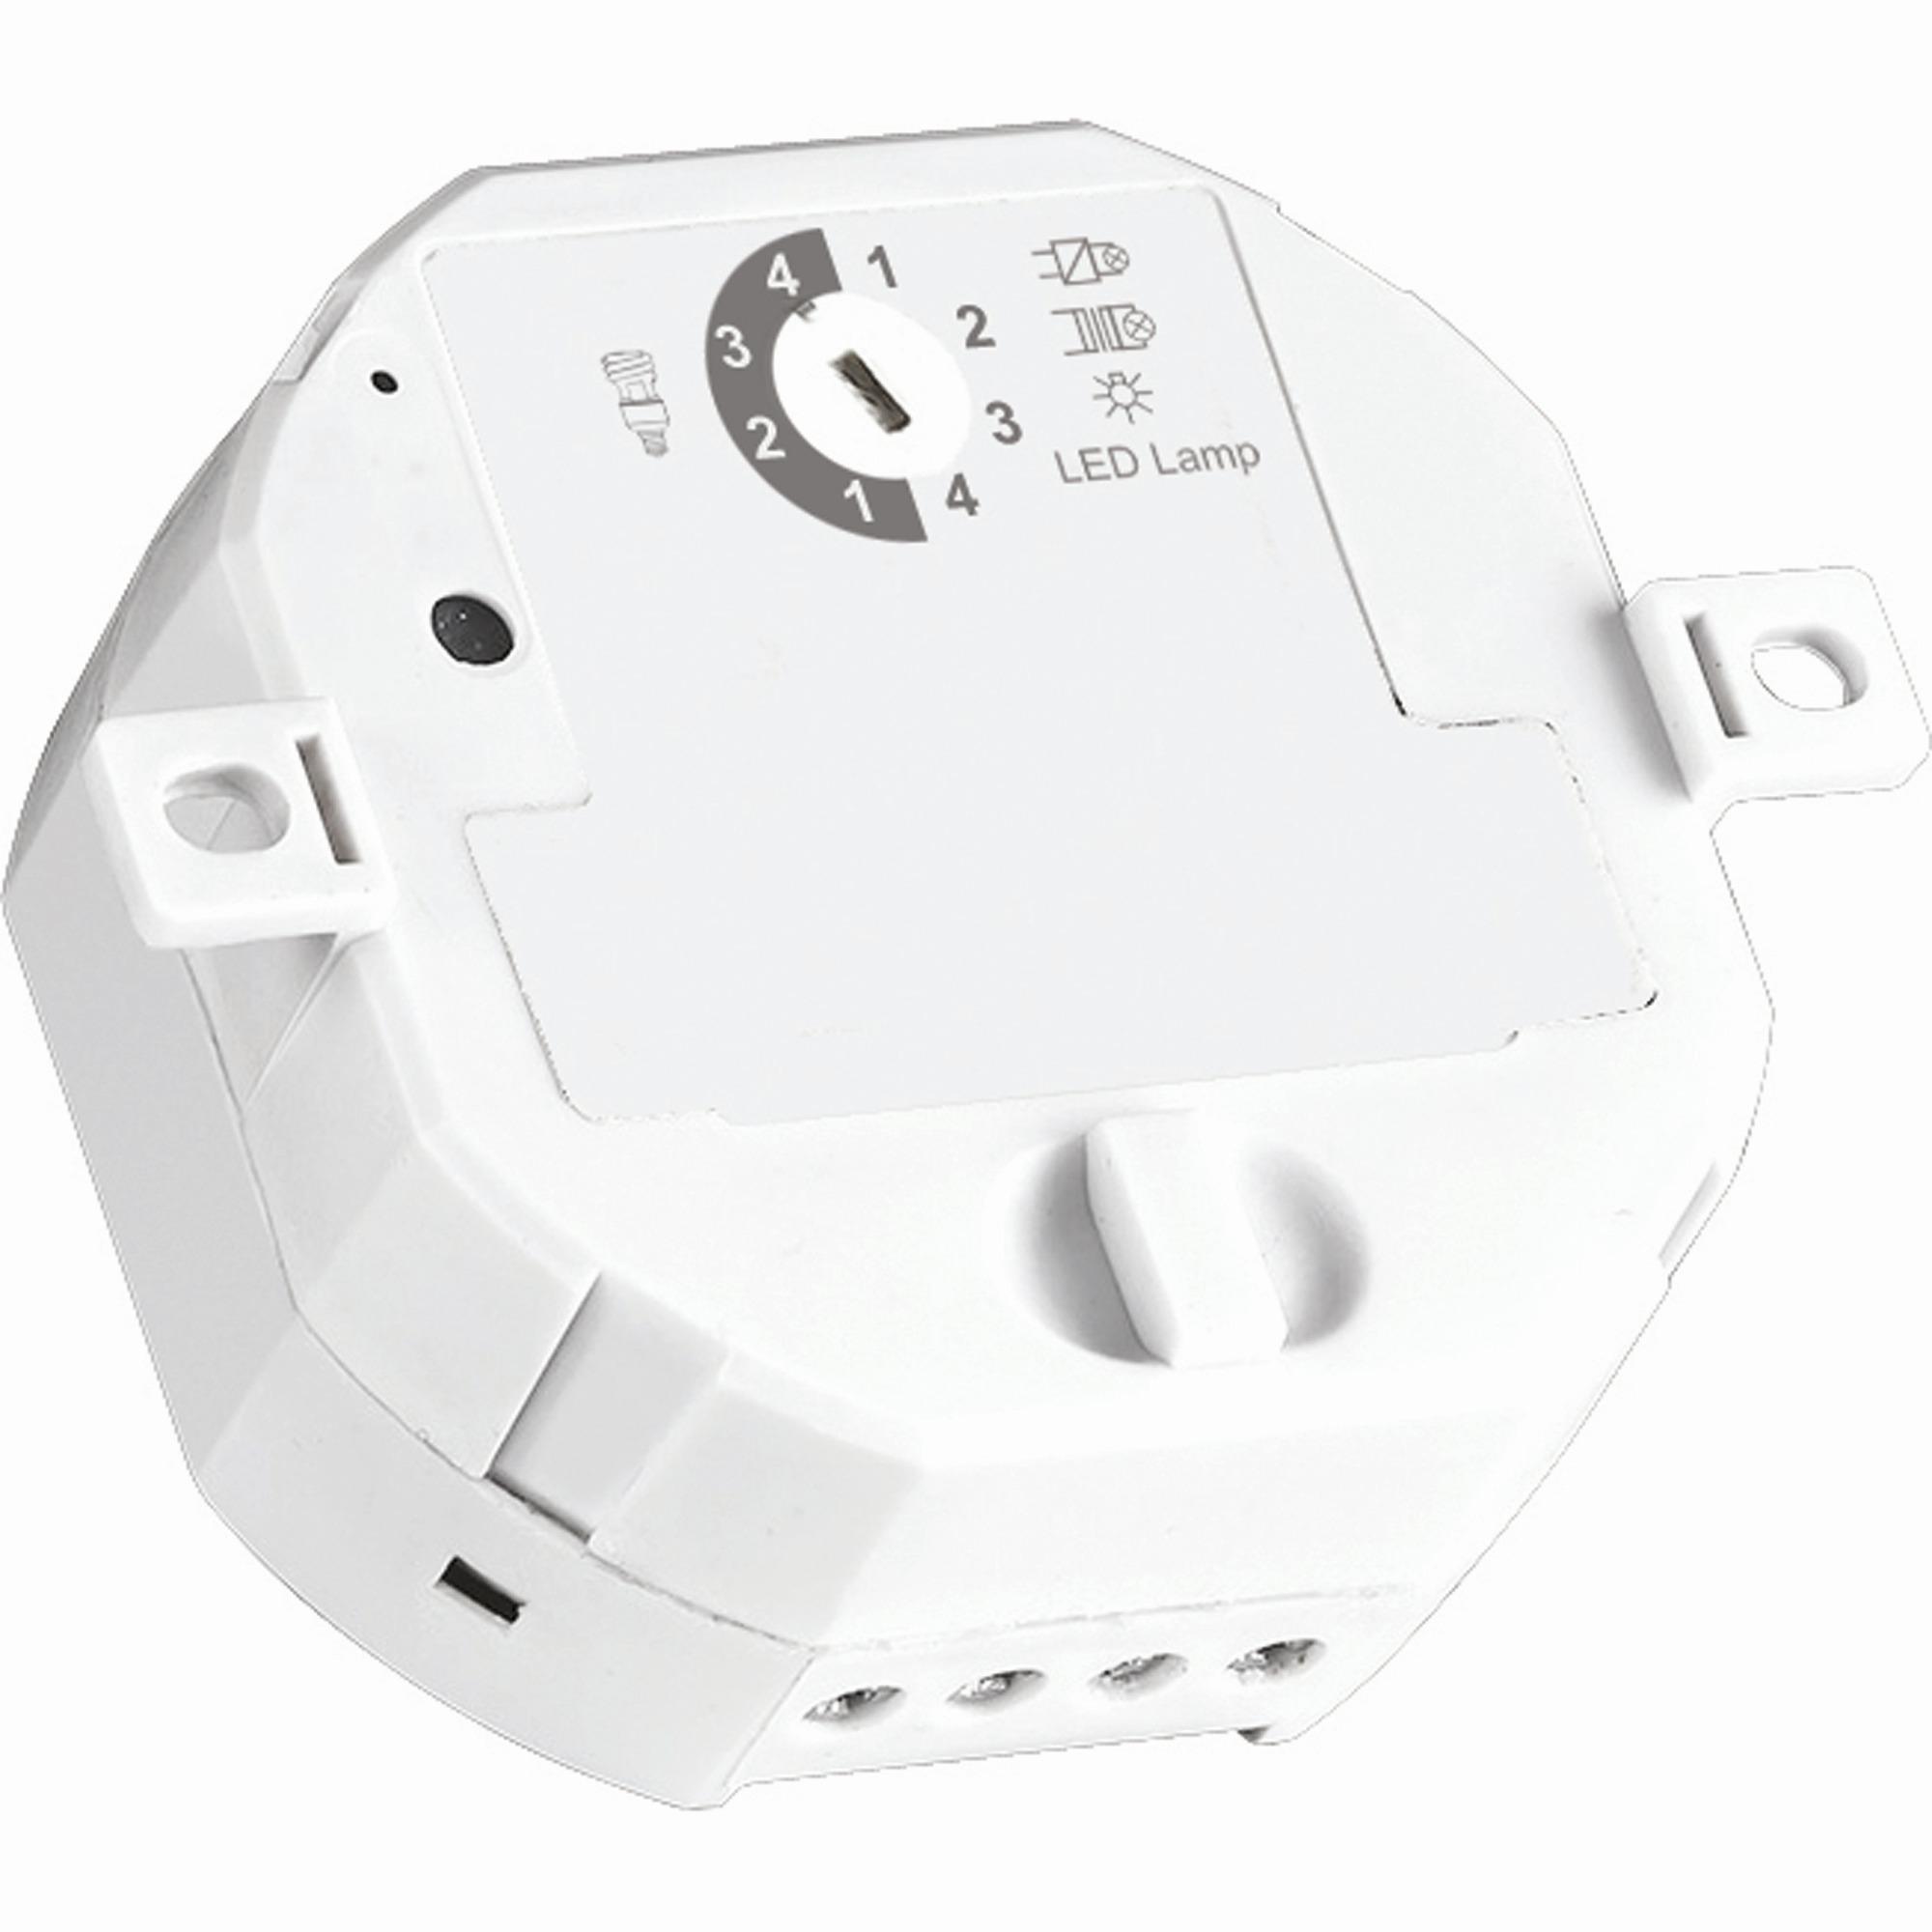 Kaku inbouwdimmer-schakelaar ACM-100